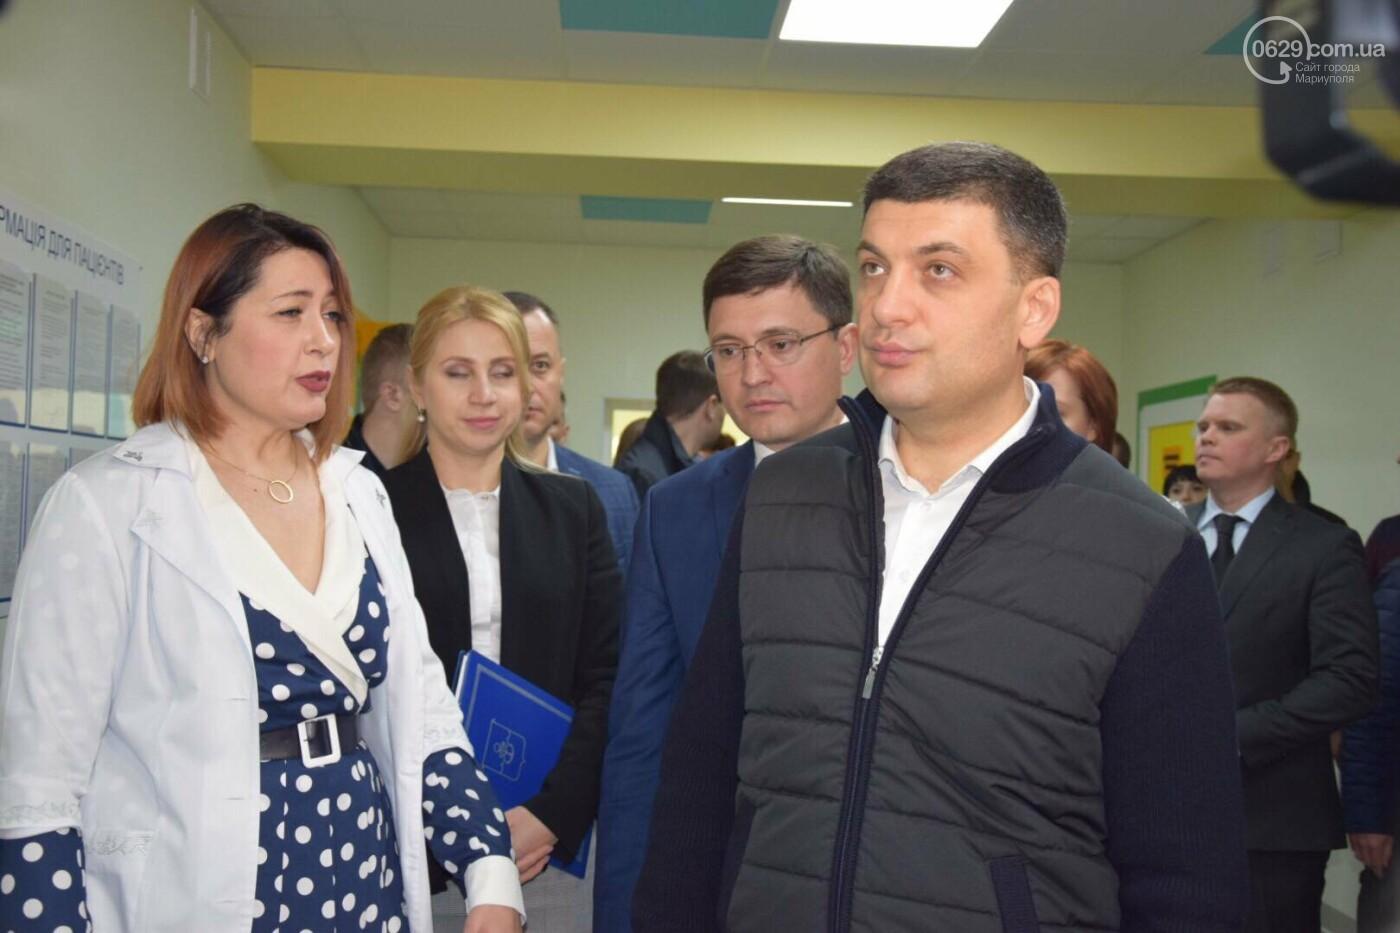 В Мариуполе Владимир Гройсман открыл детскую поликлинику и познакомился с Сережей, - ФОТОРЕПОРТАЖ, ВИДЕО, фото-42